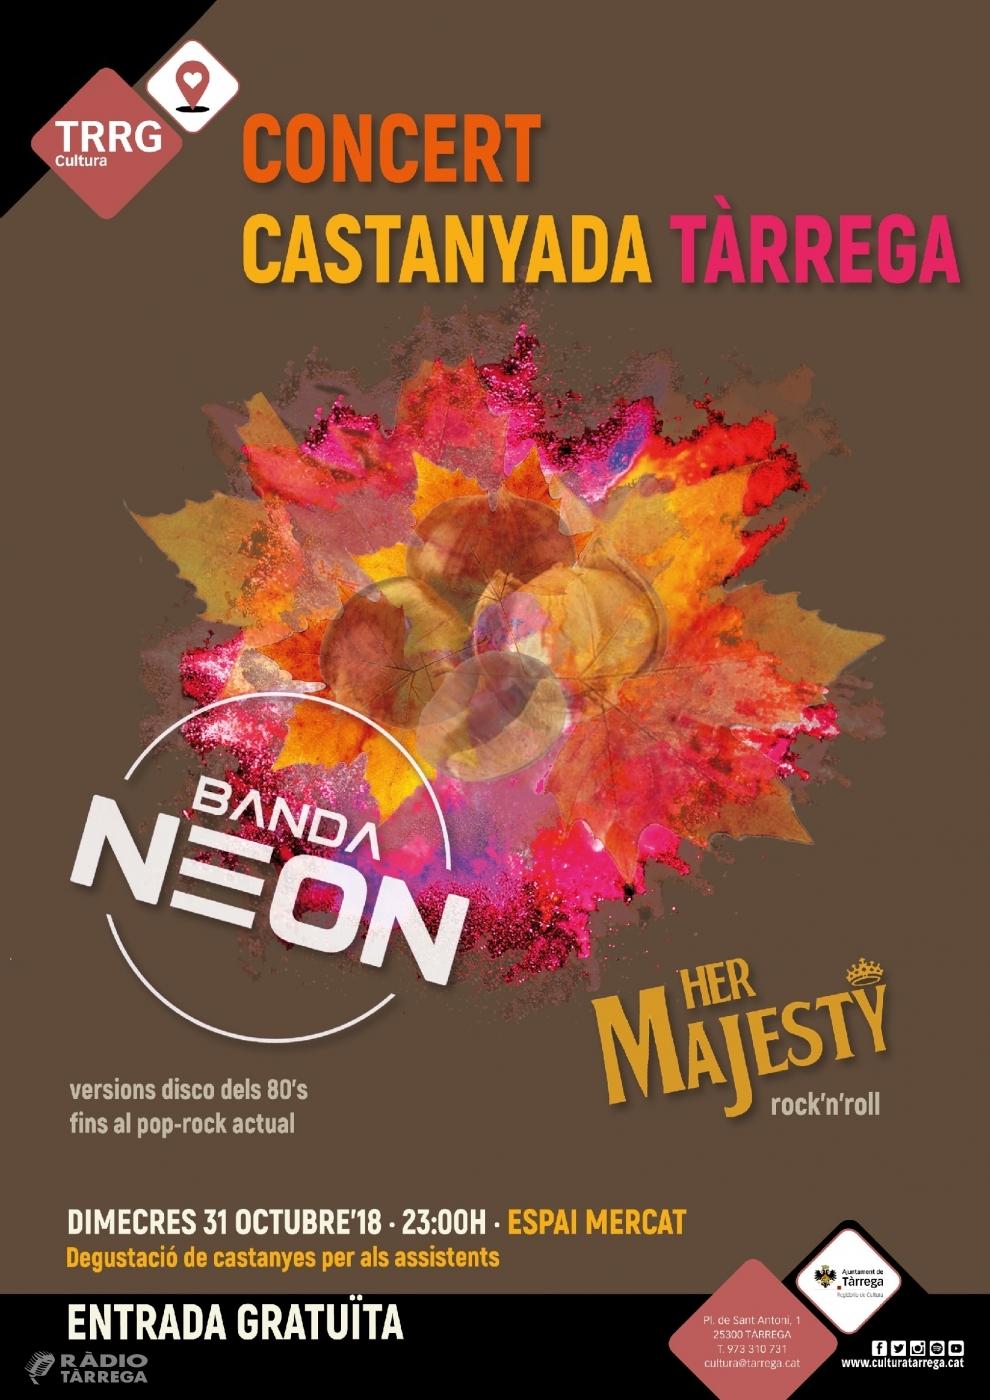 Tàrrega celebrarà la tradicional nit de la Castanyada amb un doble concert gratuït a càrrec dels grups Her Majesty i Banda Neon